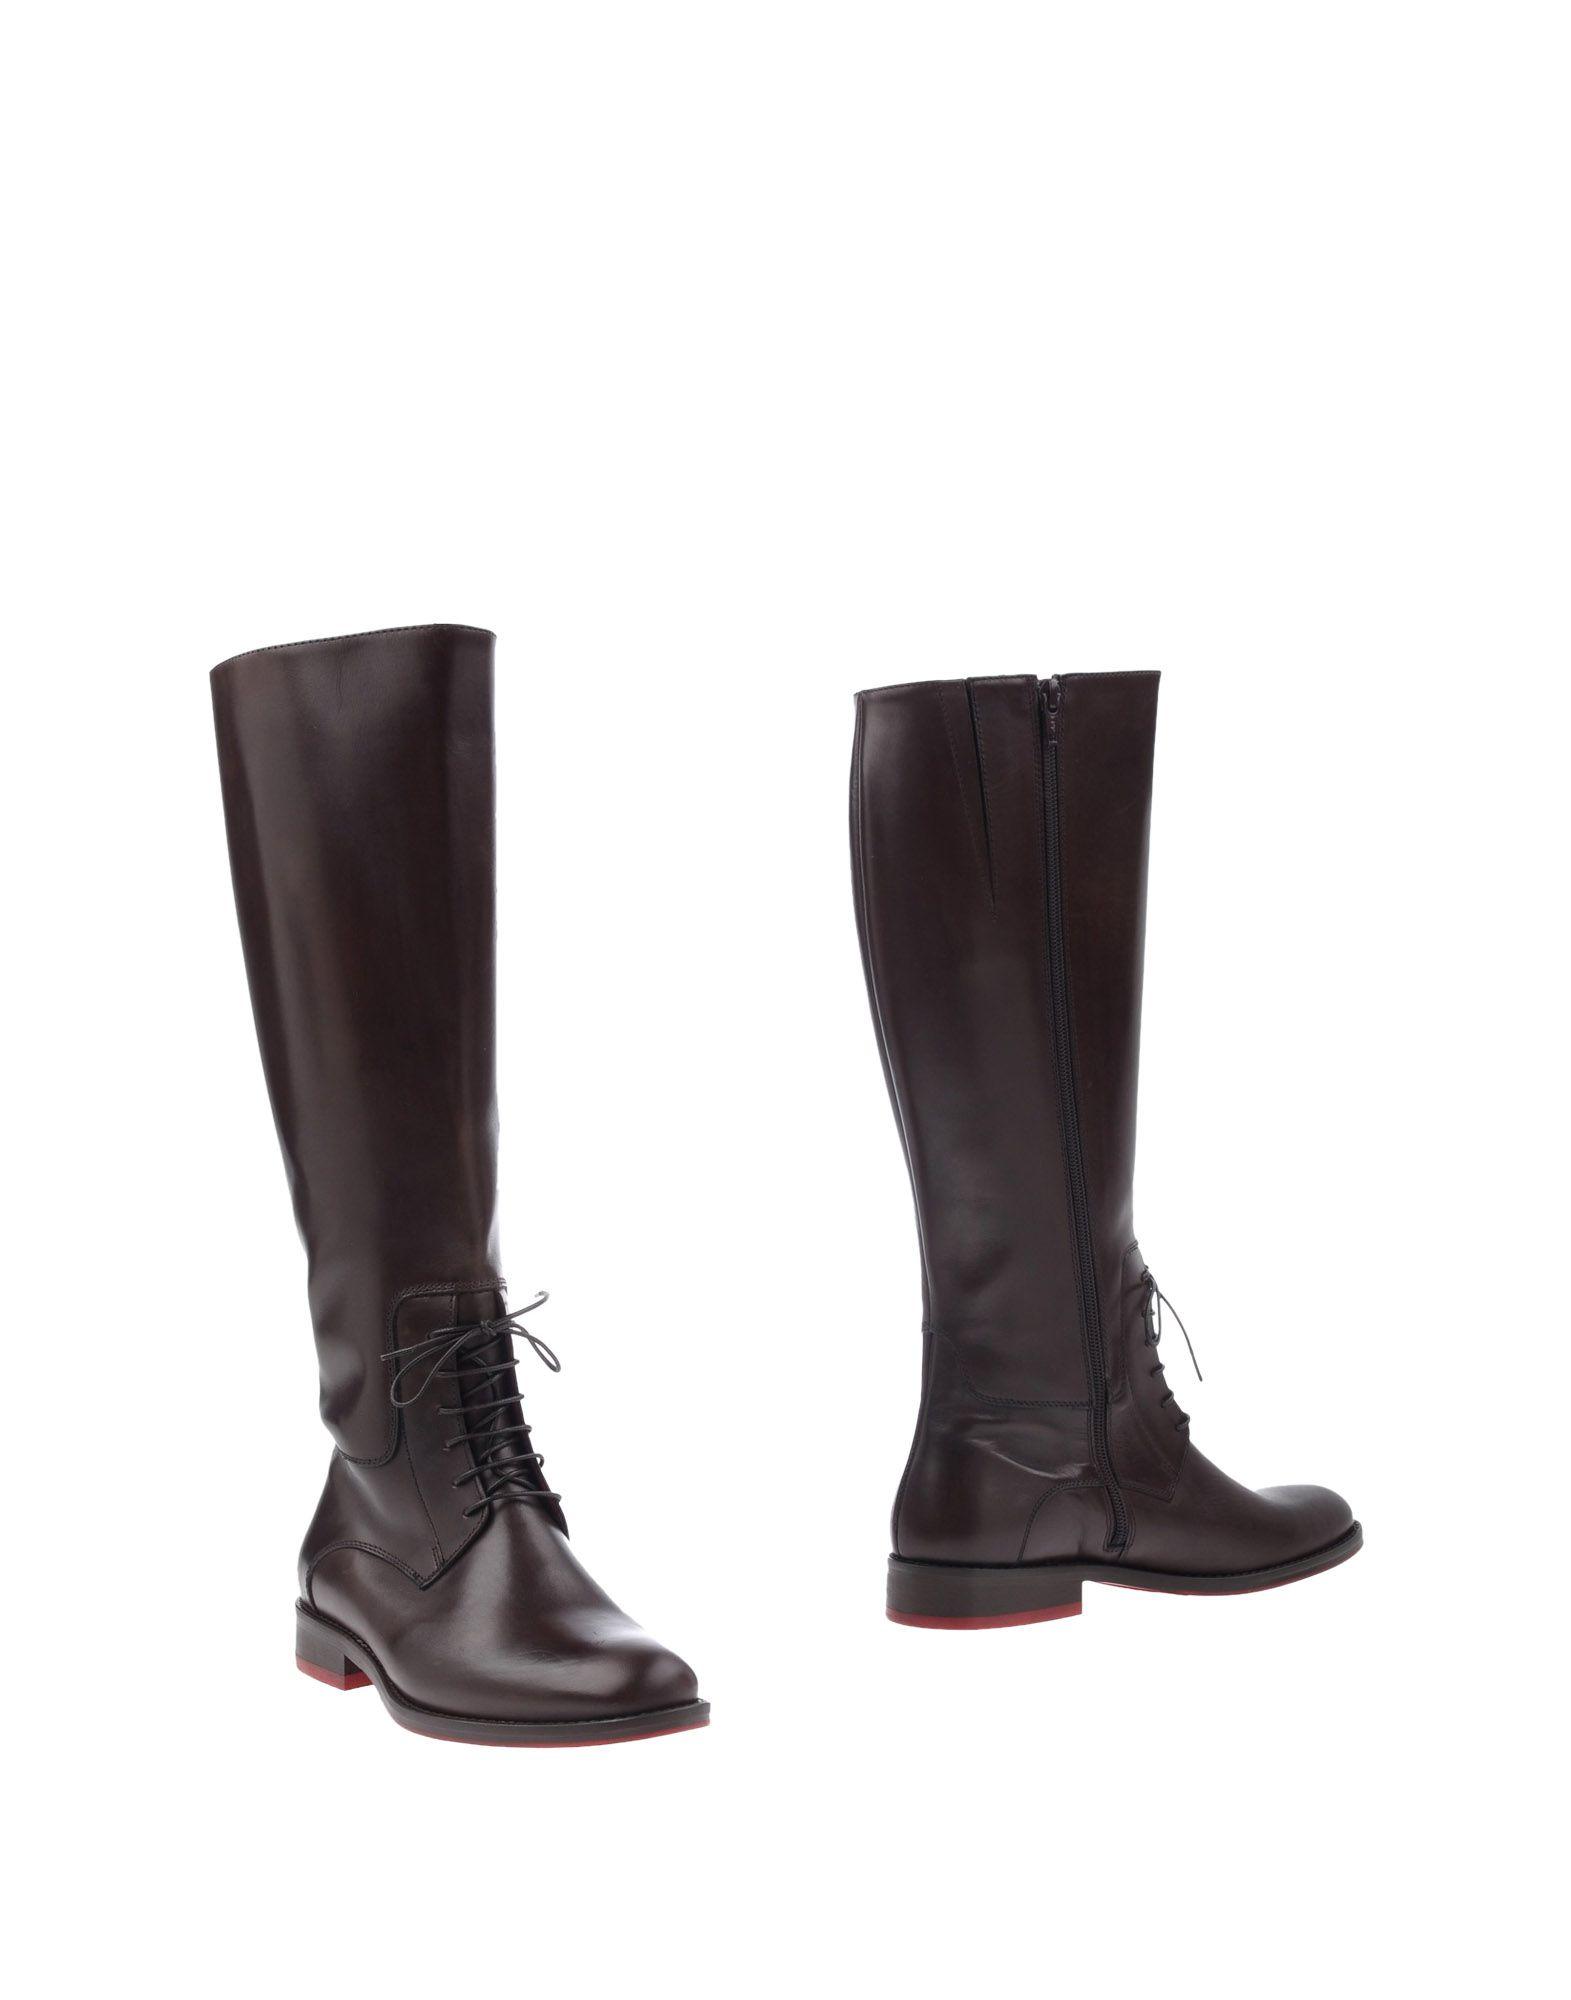 Gianfranco Lattanzi Stiefel strapazierfähige Damen  11305855RCGut aussehende strapazierfähige Stiefel Schuhe 50ef08